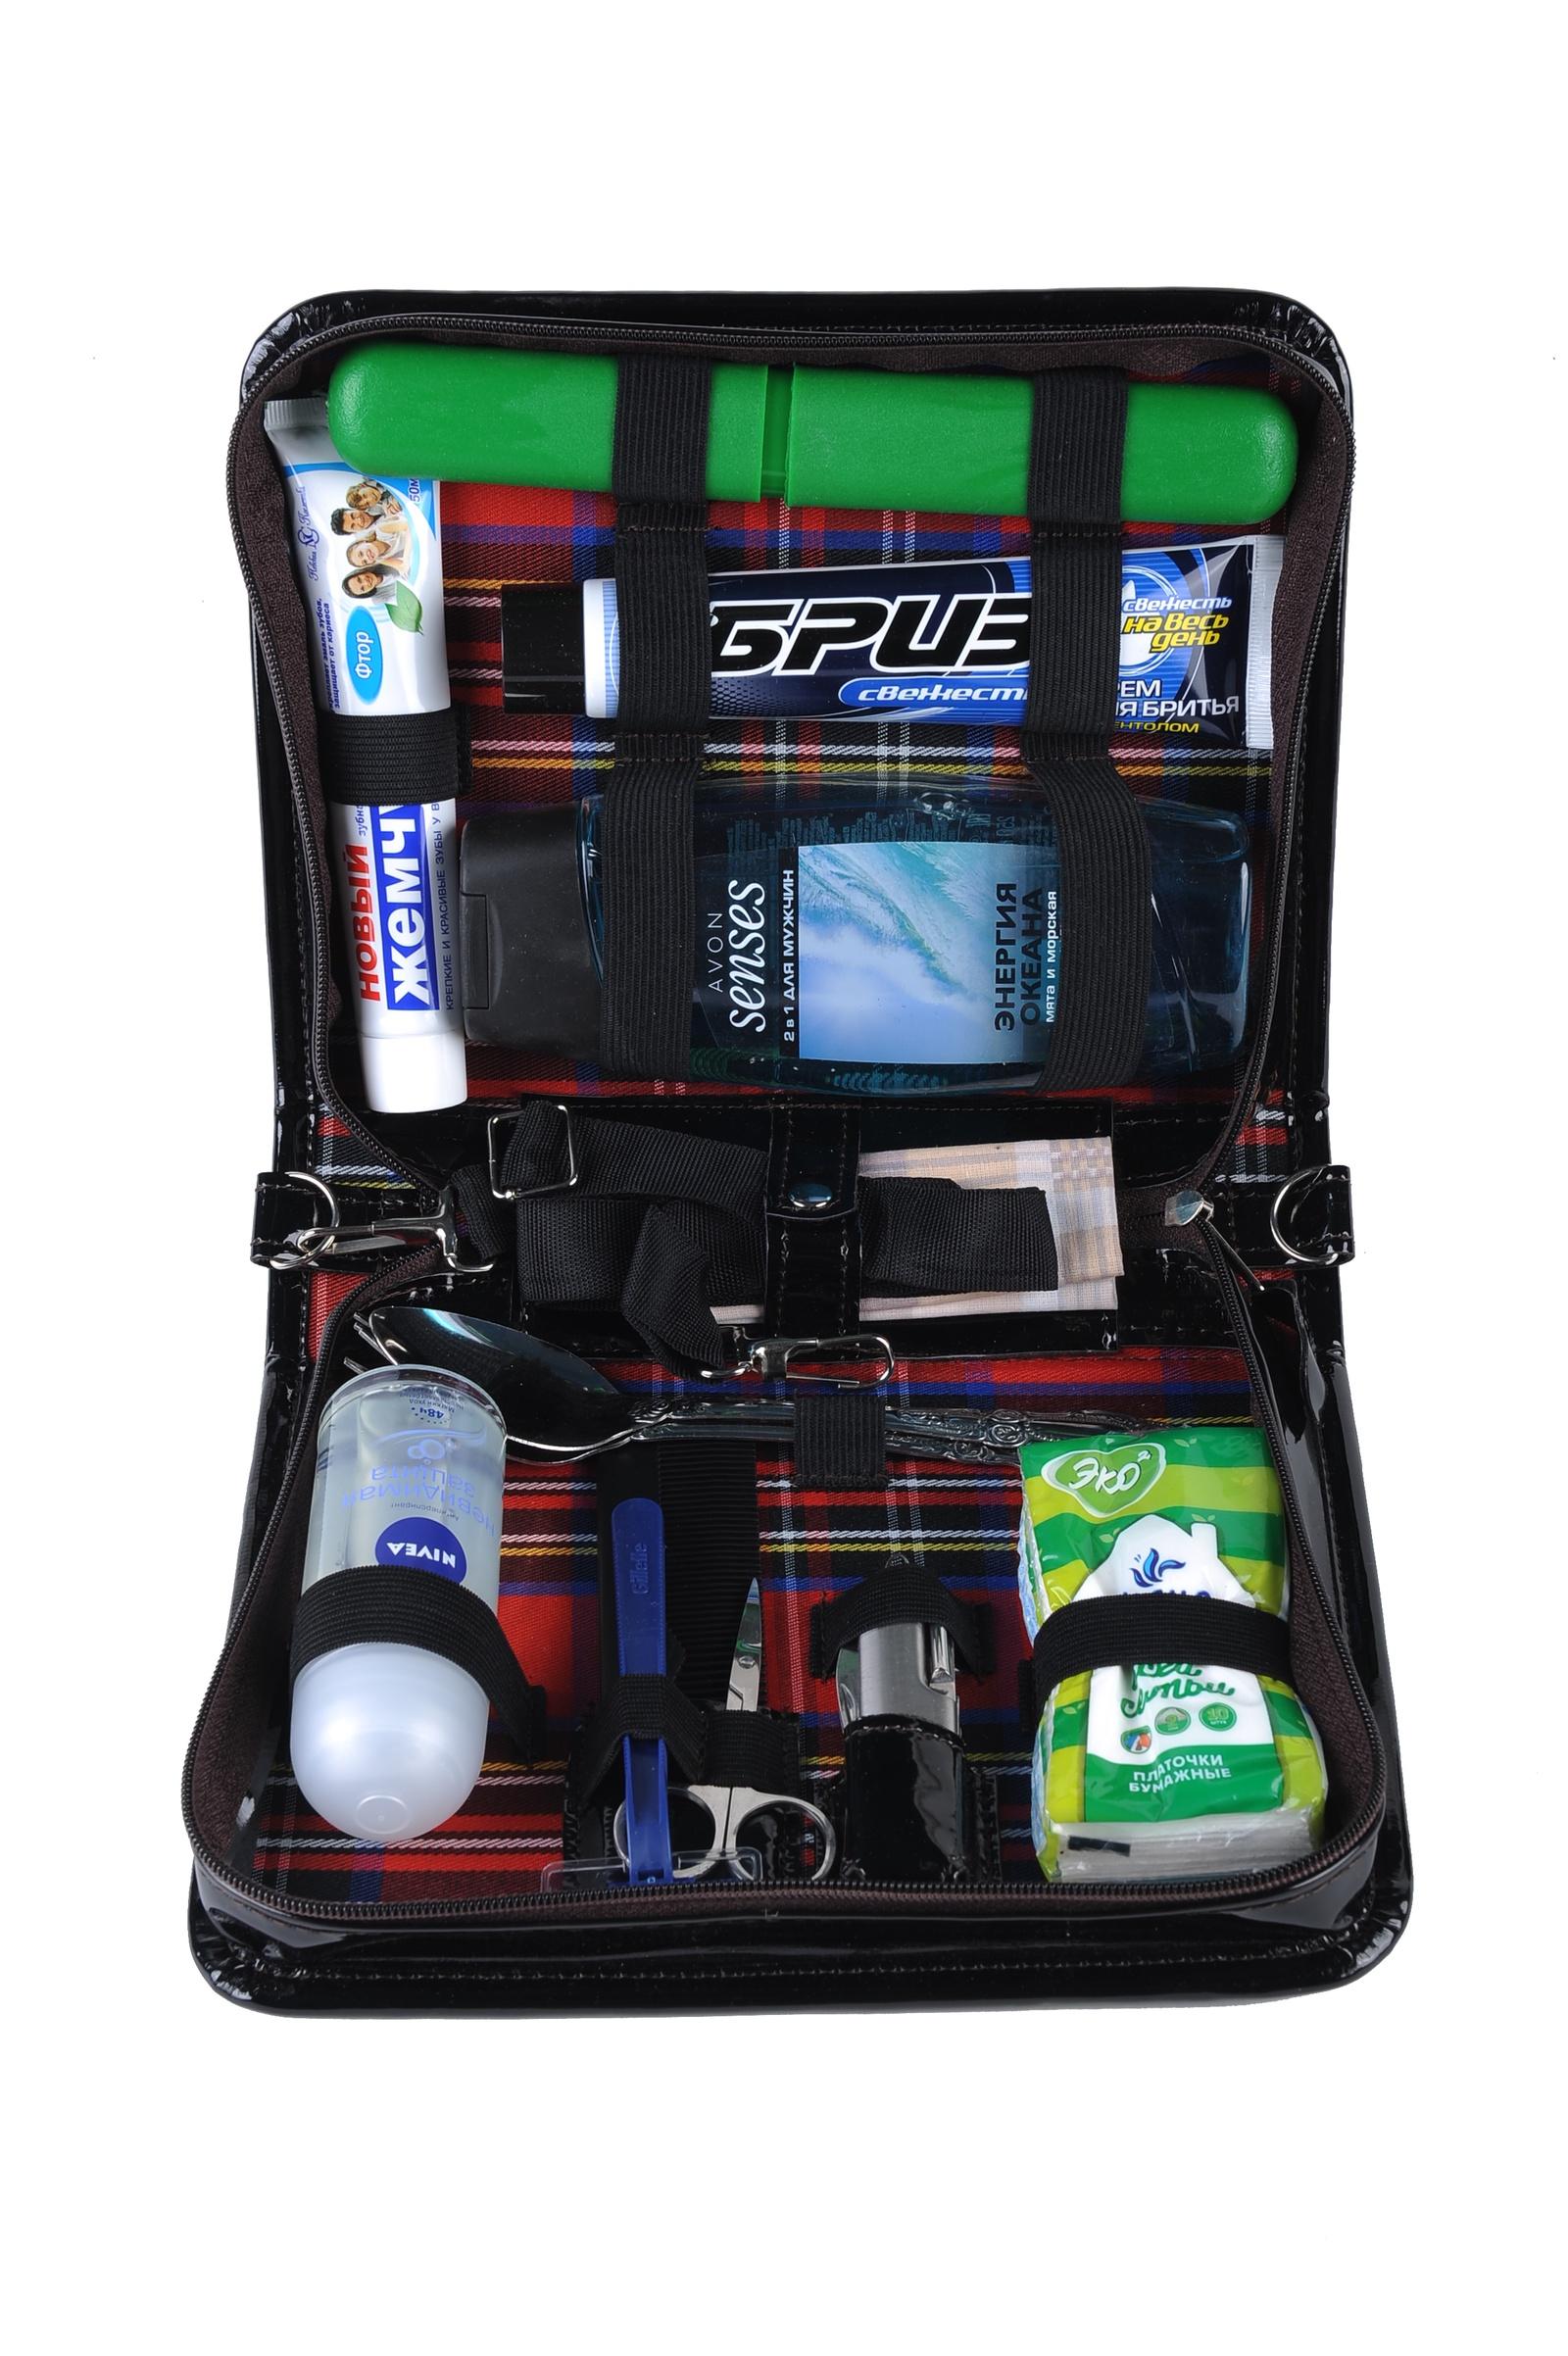 Набор инвентаря Мастер Дизайн 413, 413 набор дорожный мыльница зубная щетка и футляр мультидом tl34 93 в ассортименте